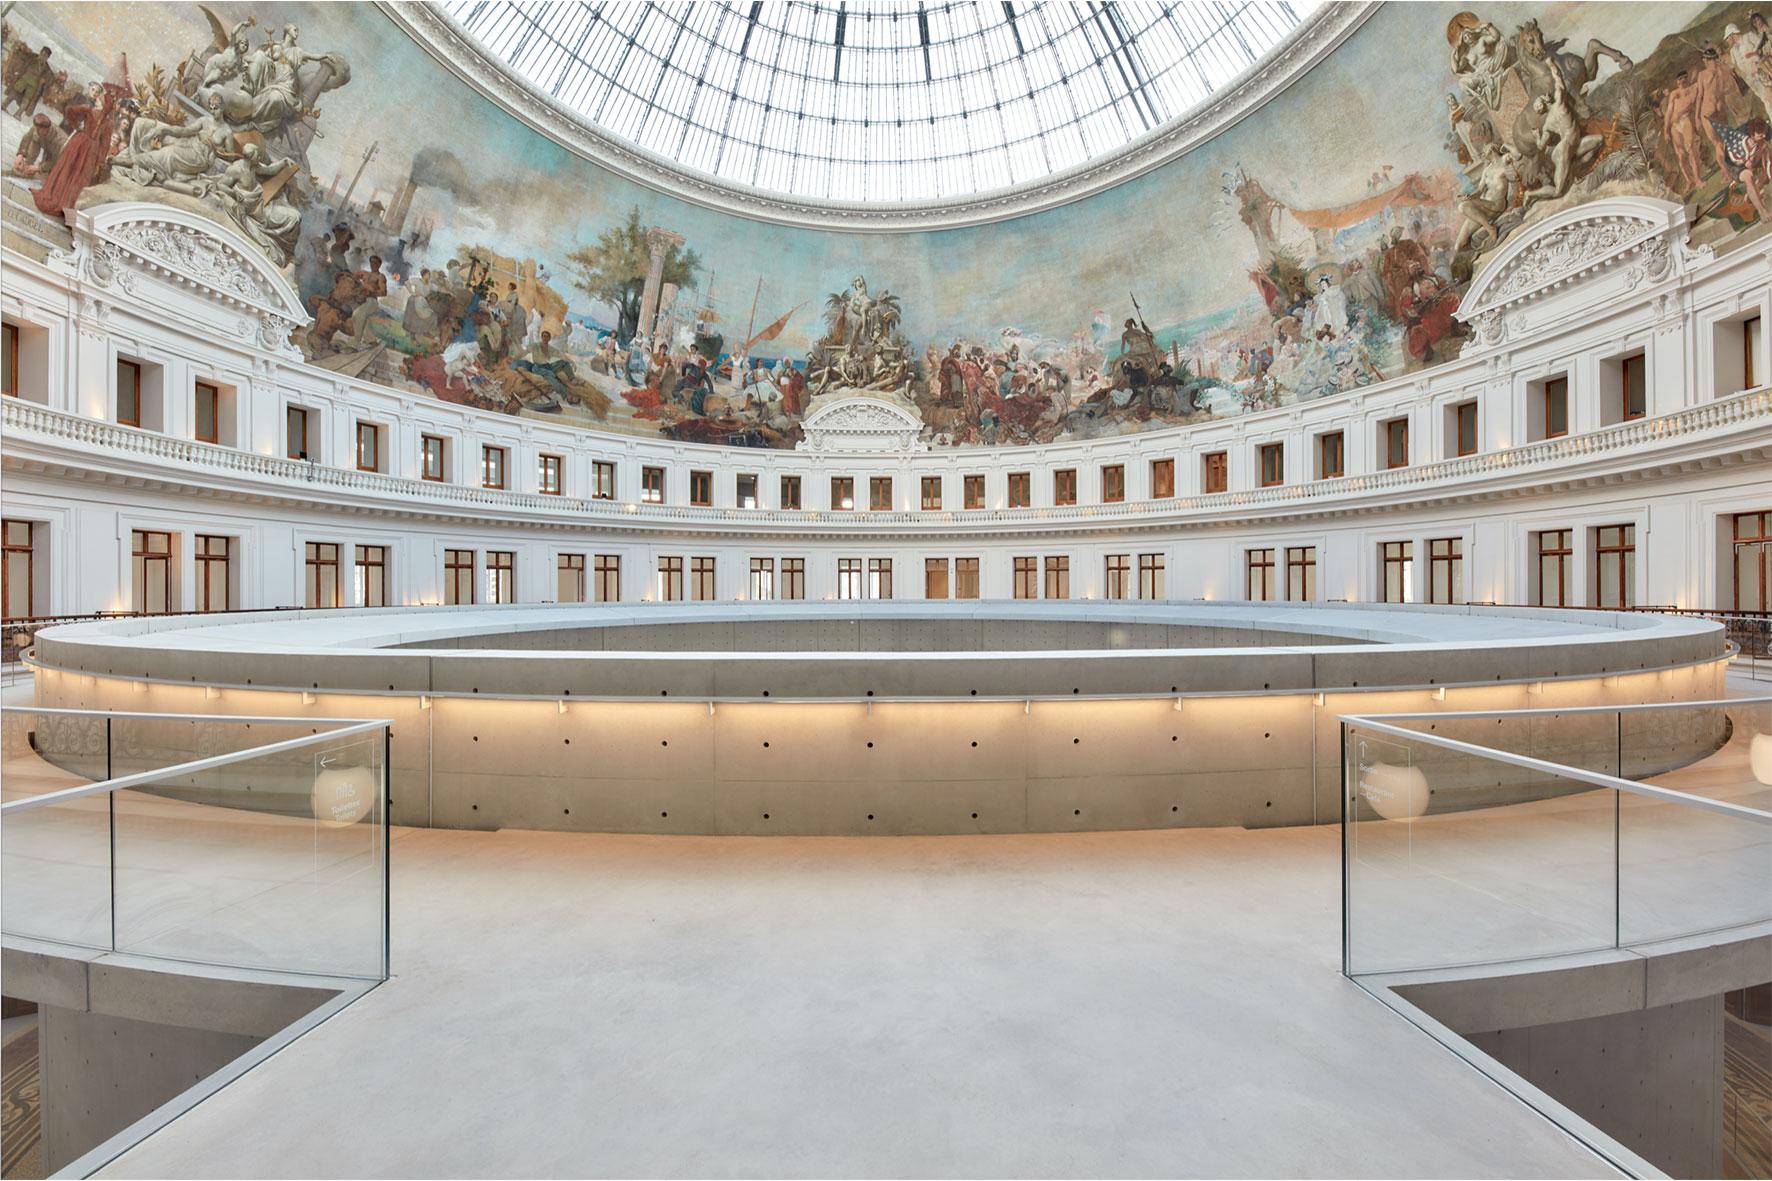 Tra pochi giorni apre a Parigi un museo enorme: è la nuova sede della Collezione Pinault